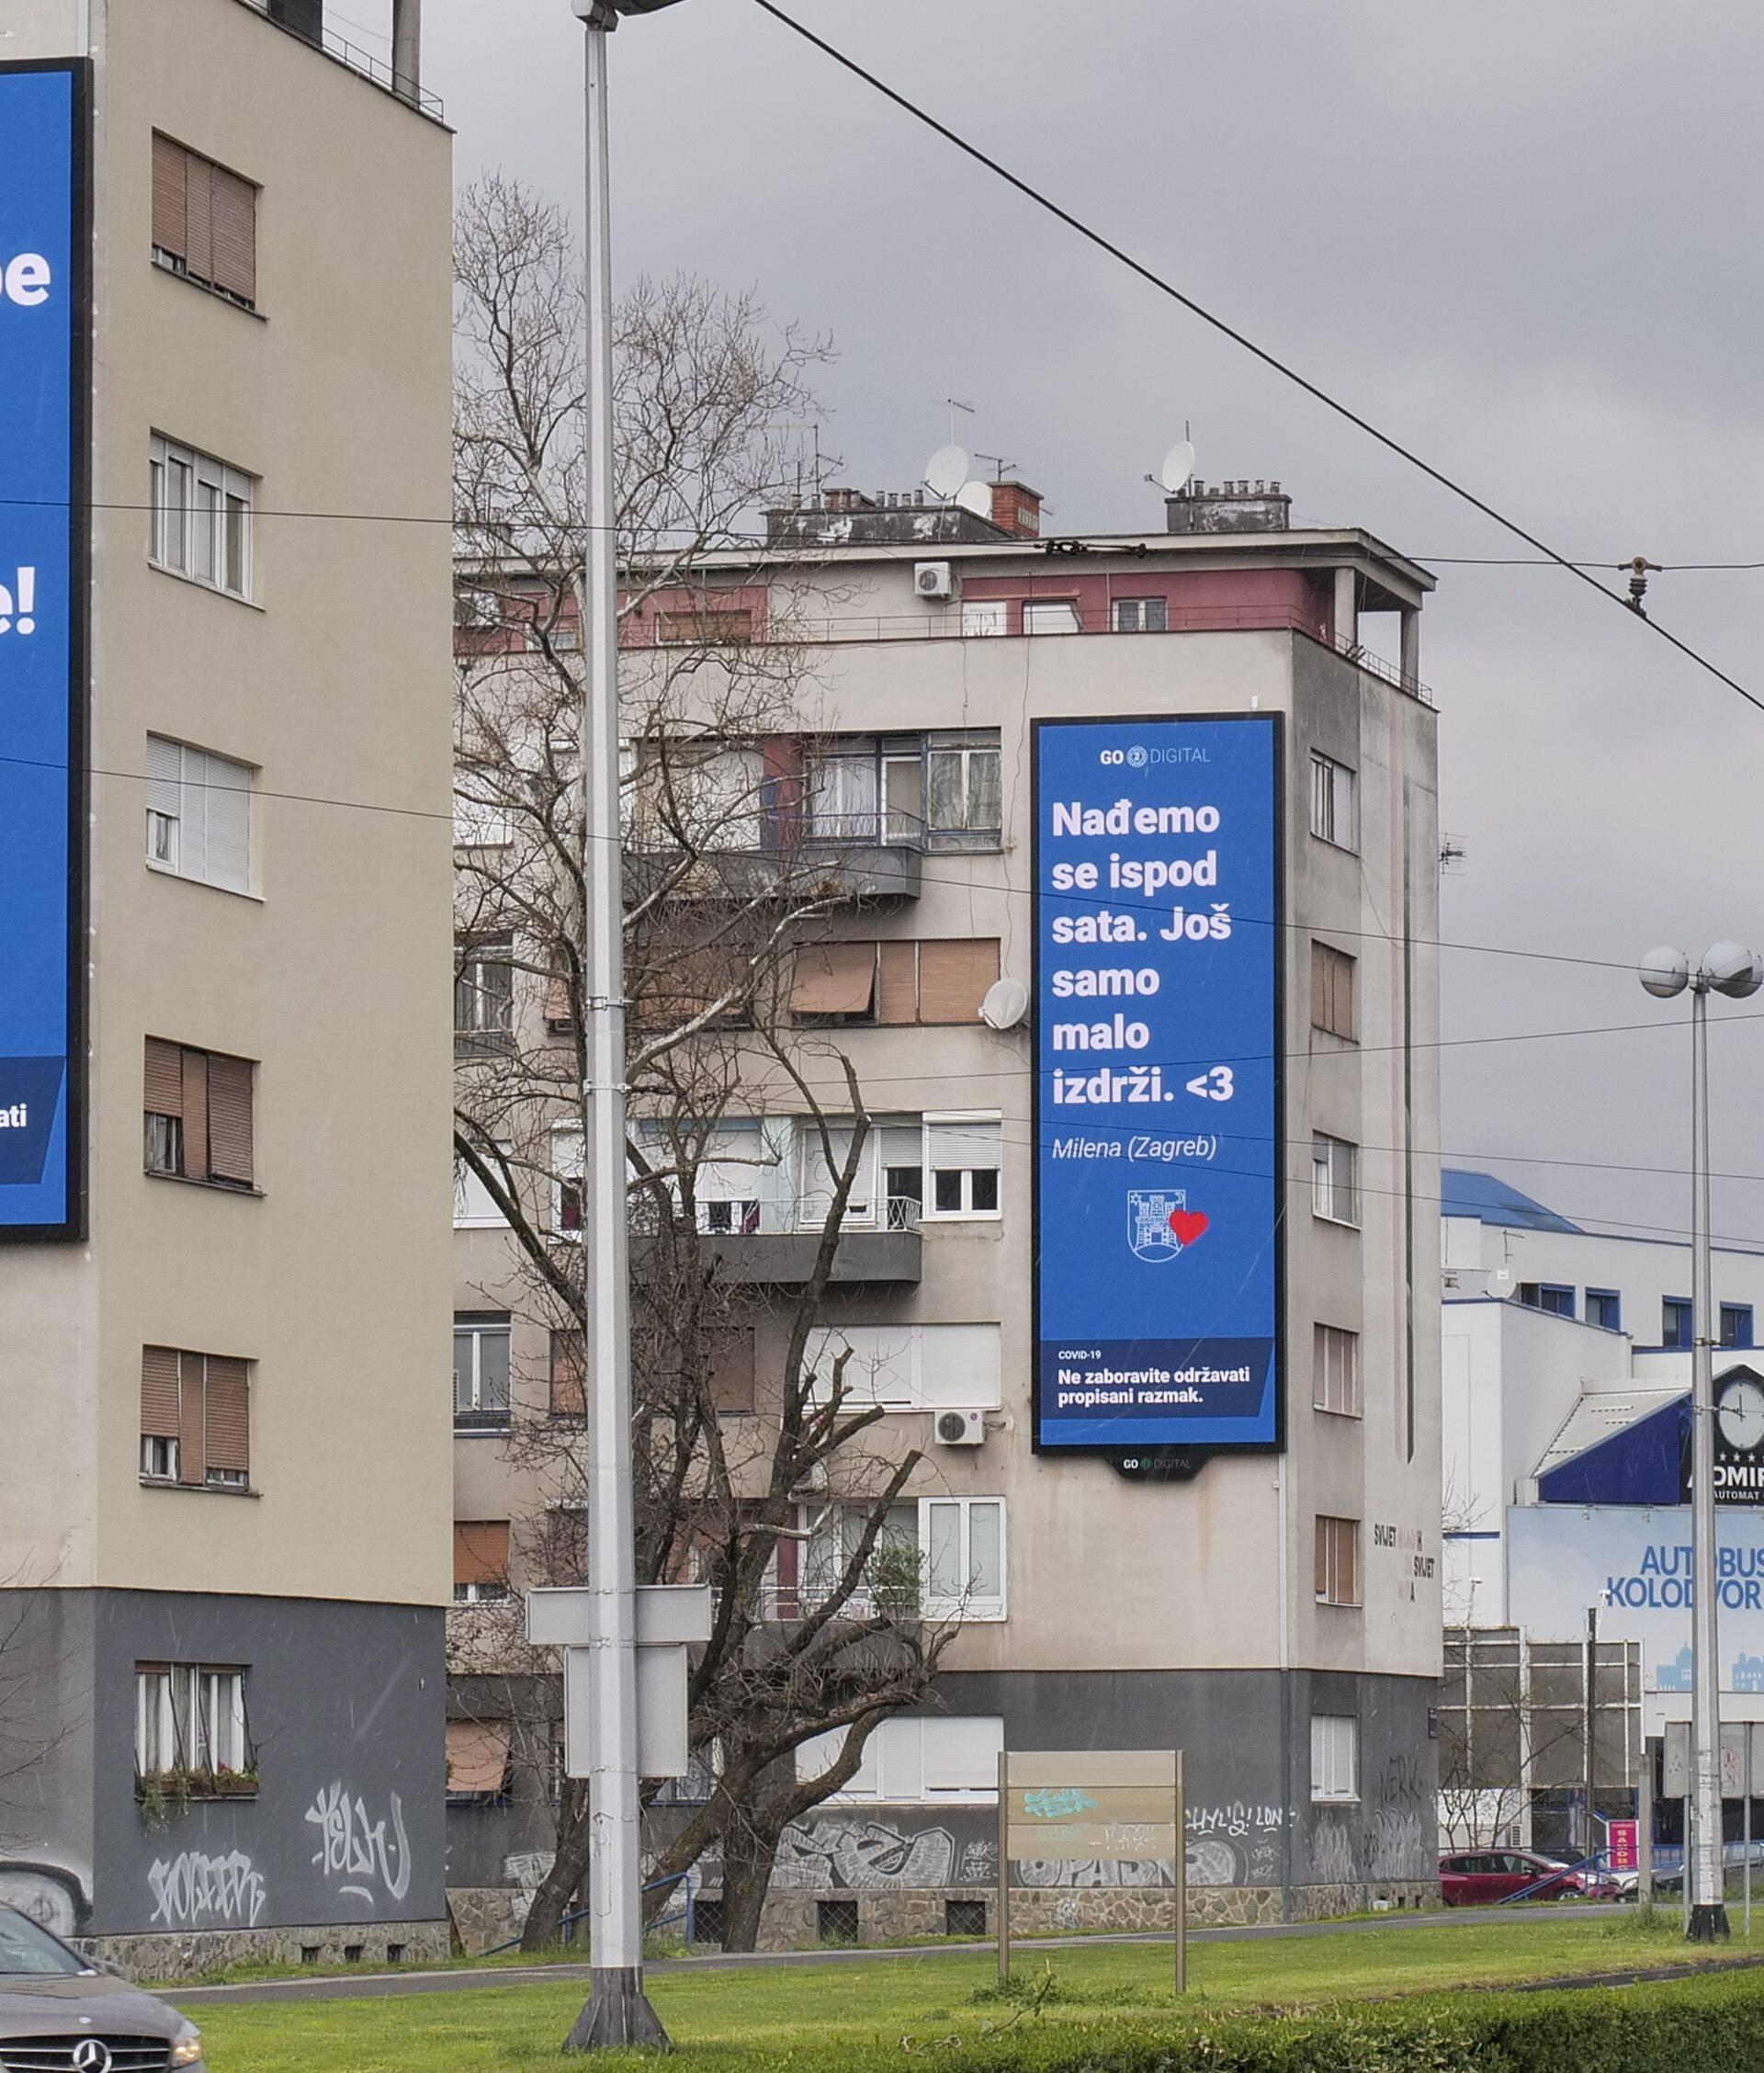 Pošalji poruku i podrži Zagreb, bit će objavljene po gradu